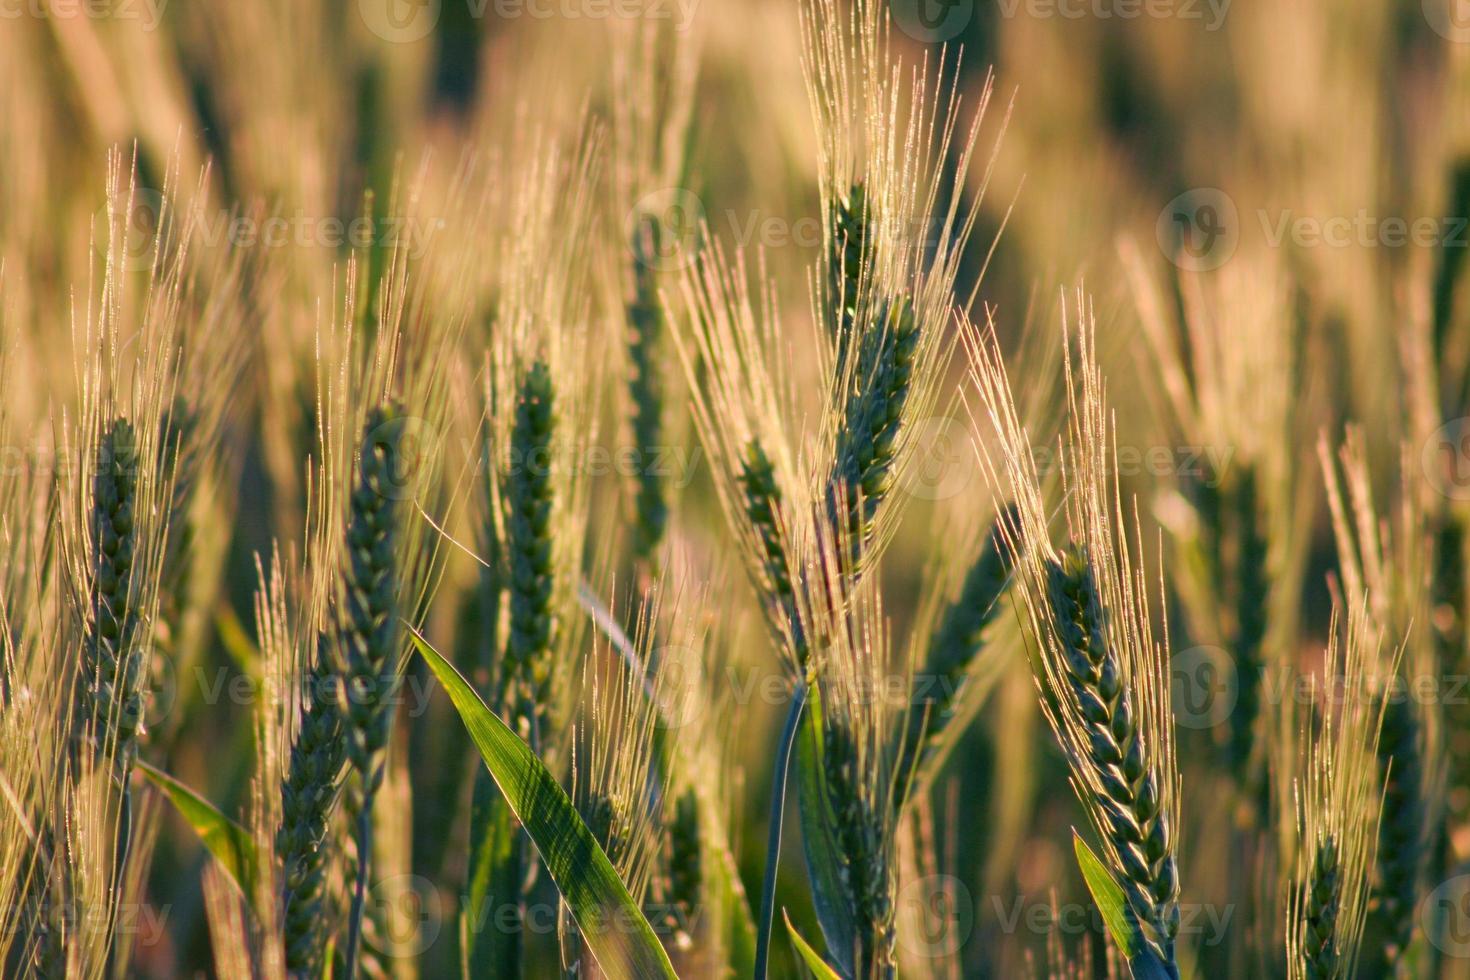 Backlit cereals photo